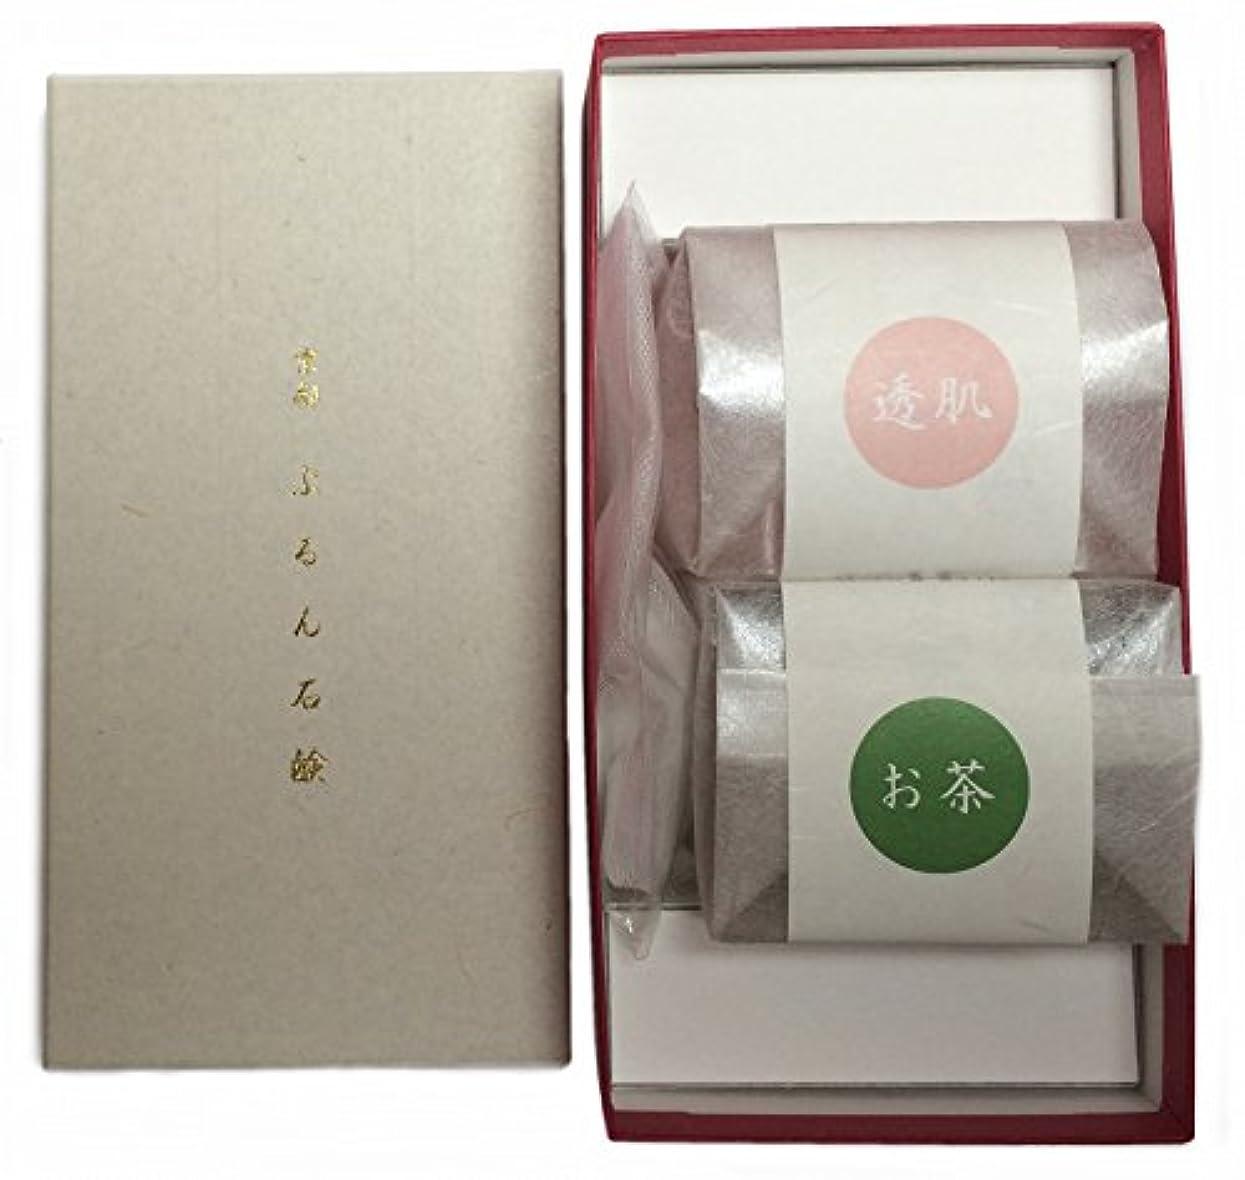 霜できるカード京都 ぷるん石鹸 ピュアソープ ヒアルロン酸 コラーゲン ギフトボックス 2種2個セット